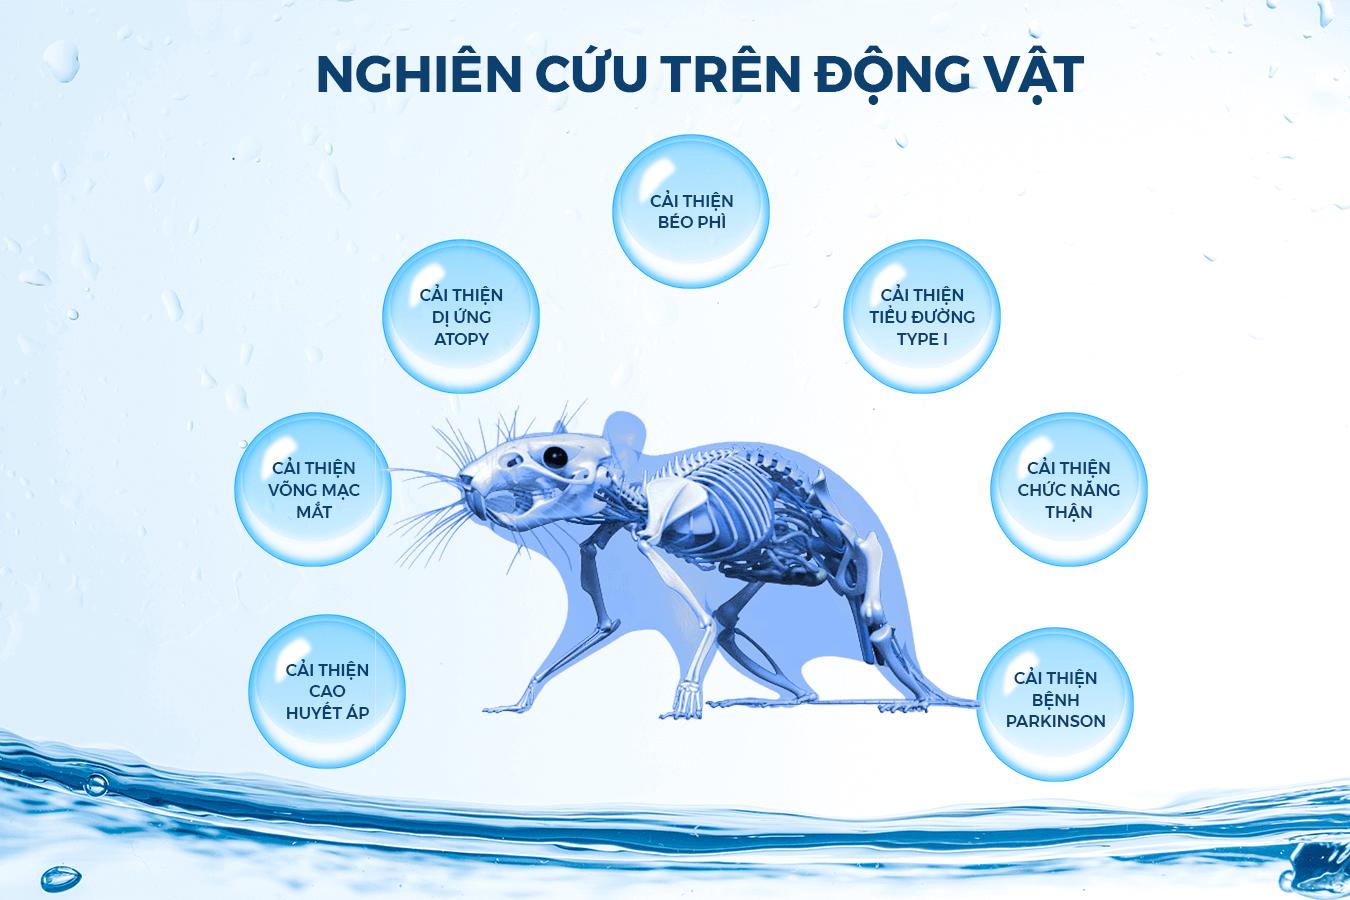 Nghiên cứu tác dụng Hydro trên động vật.